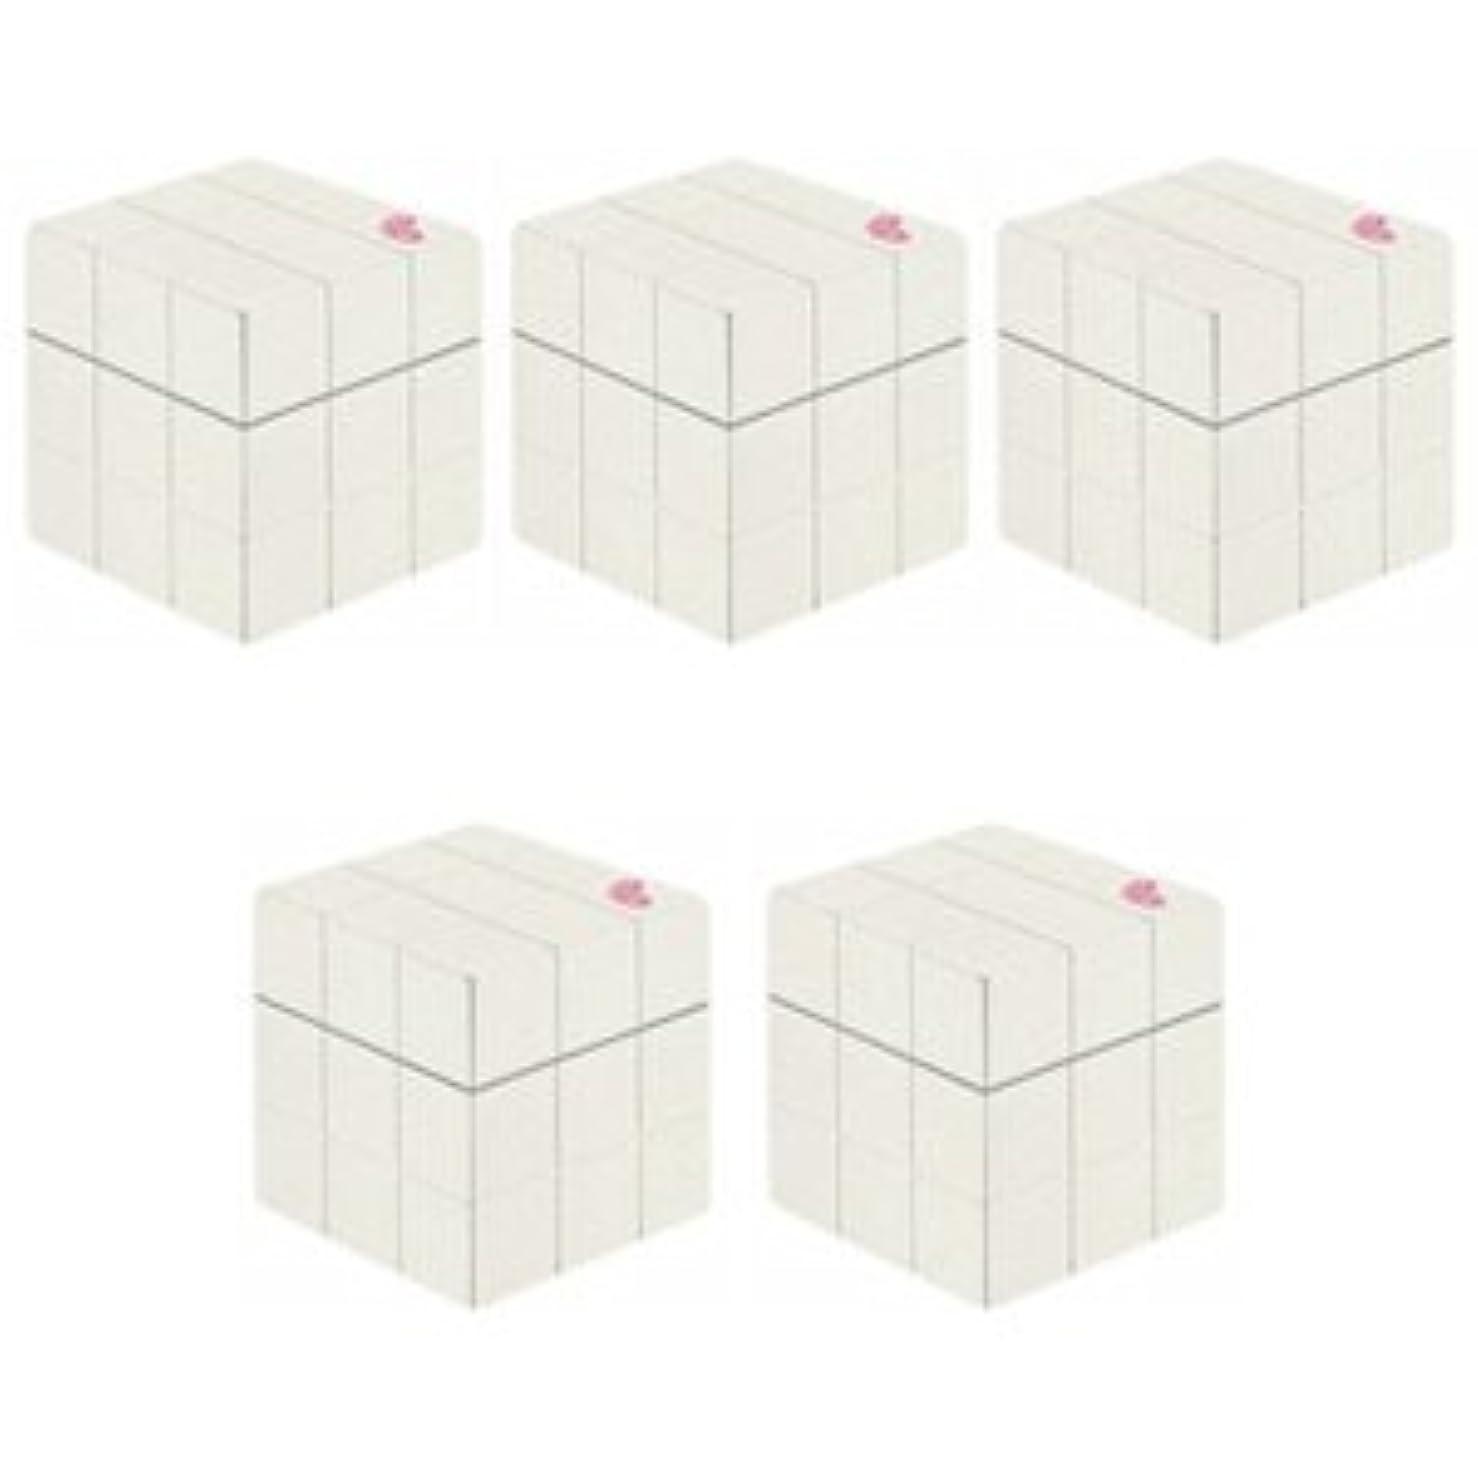 ディーラー甘やかすオフ【X5個セット】 アリミノ ピース プロデザインシリーズ グロスワックス ホワイト 80g